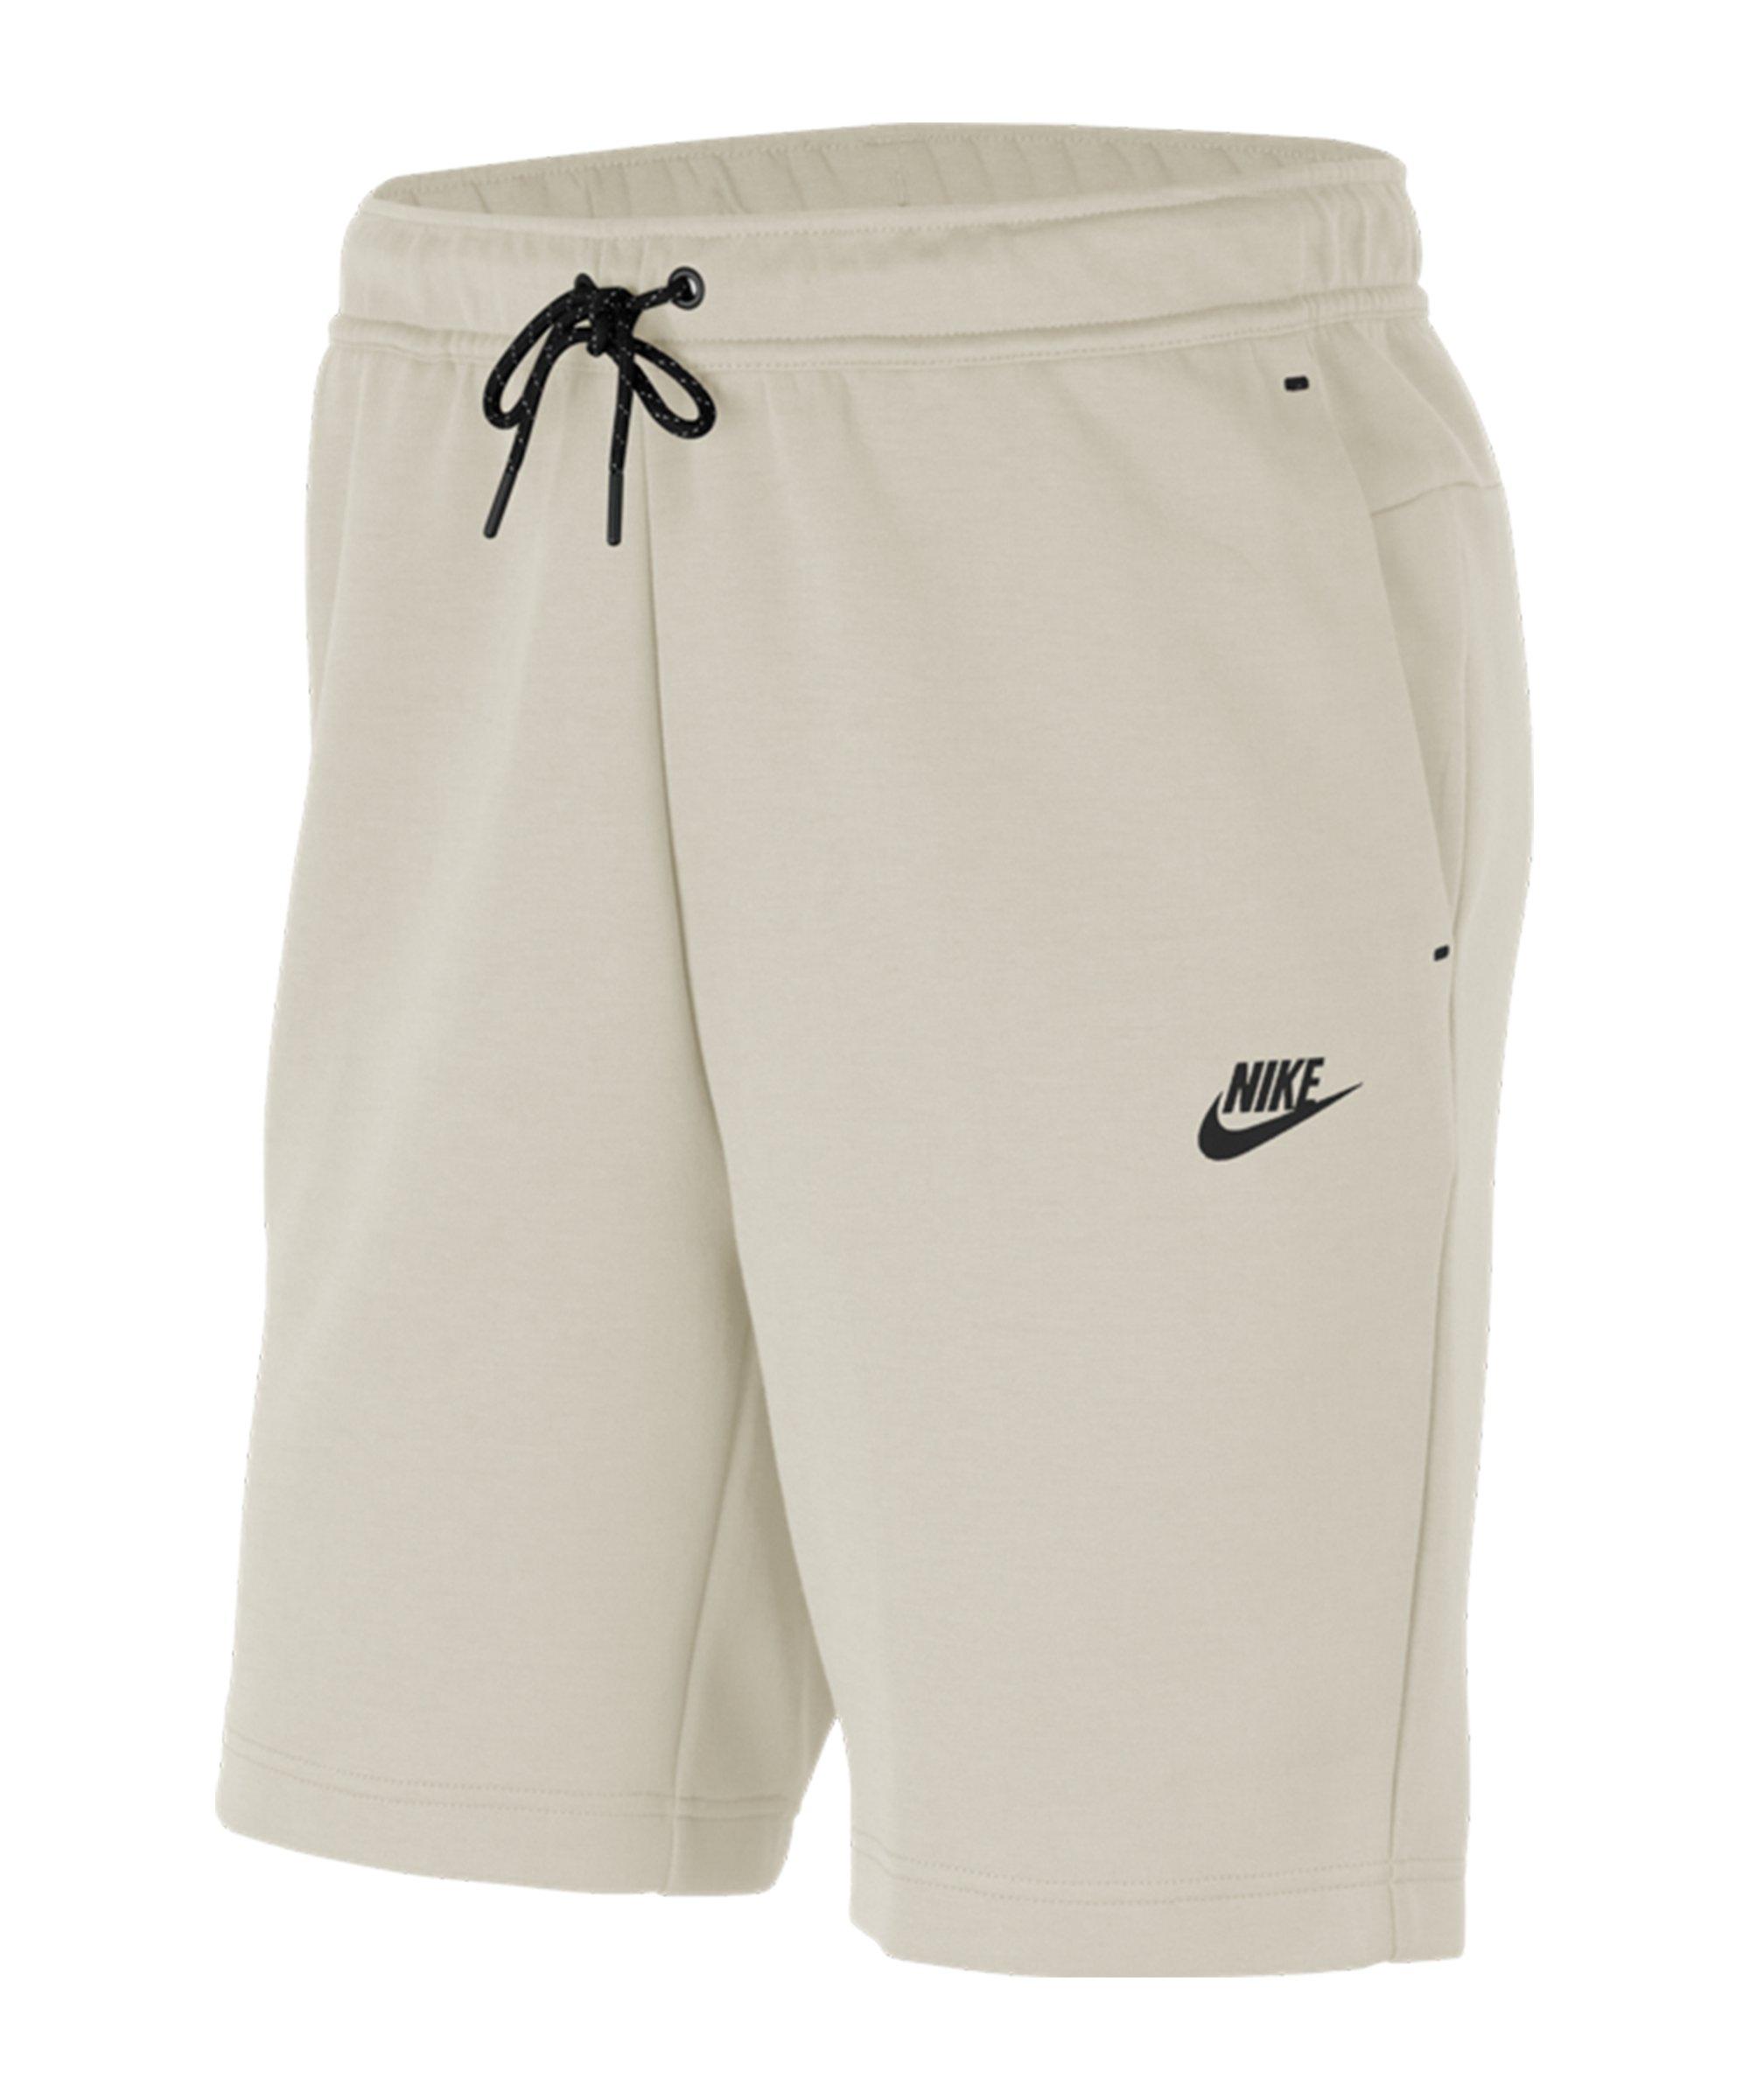 Nike Nike Tech Fleece Short Beige F072 - beige